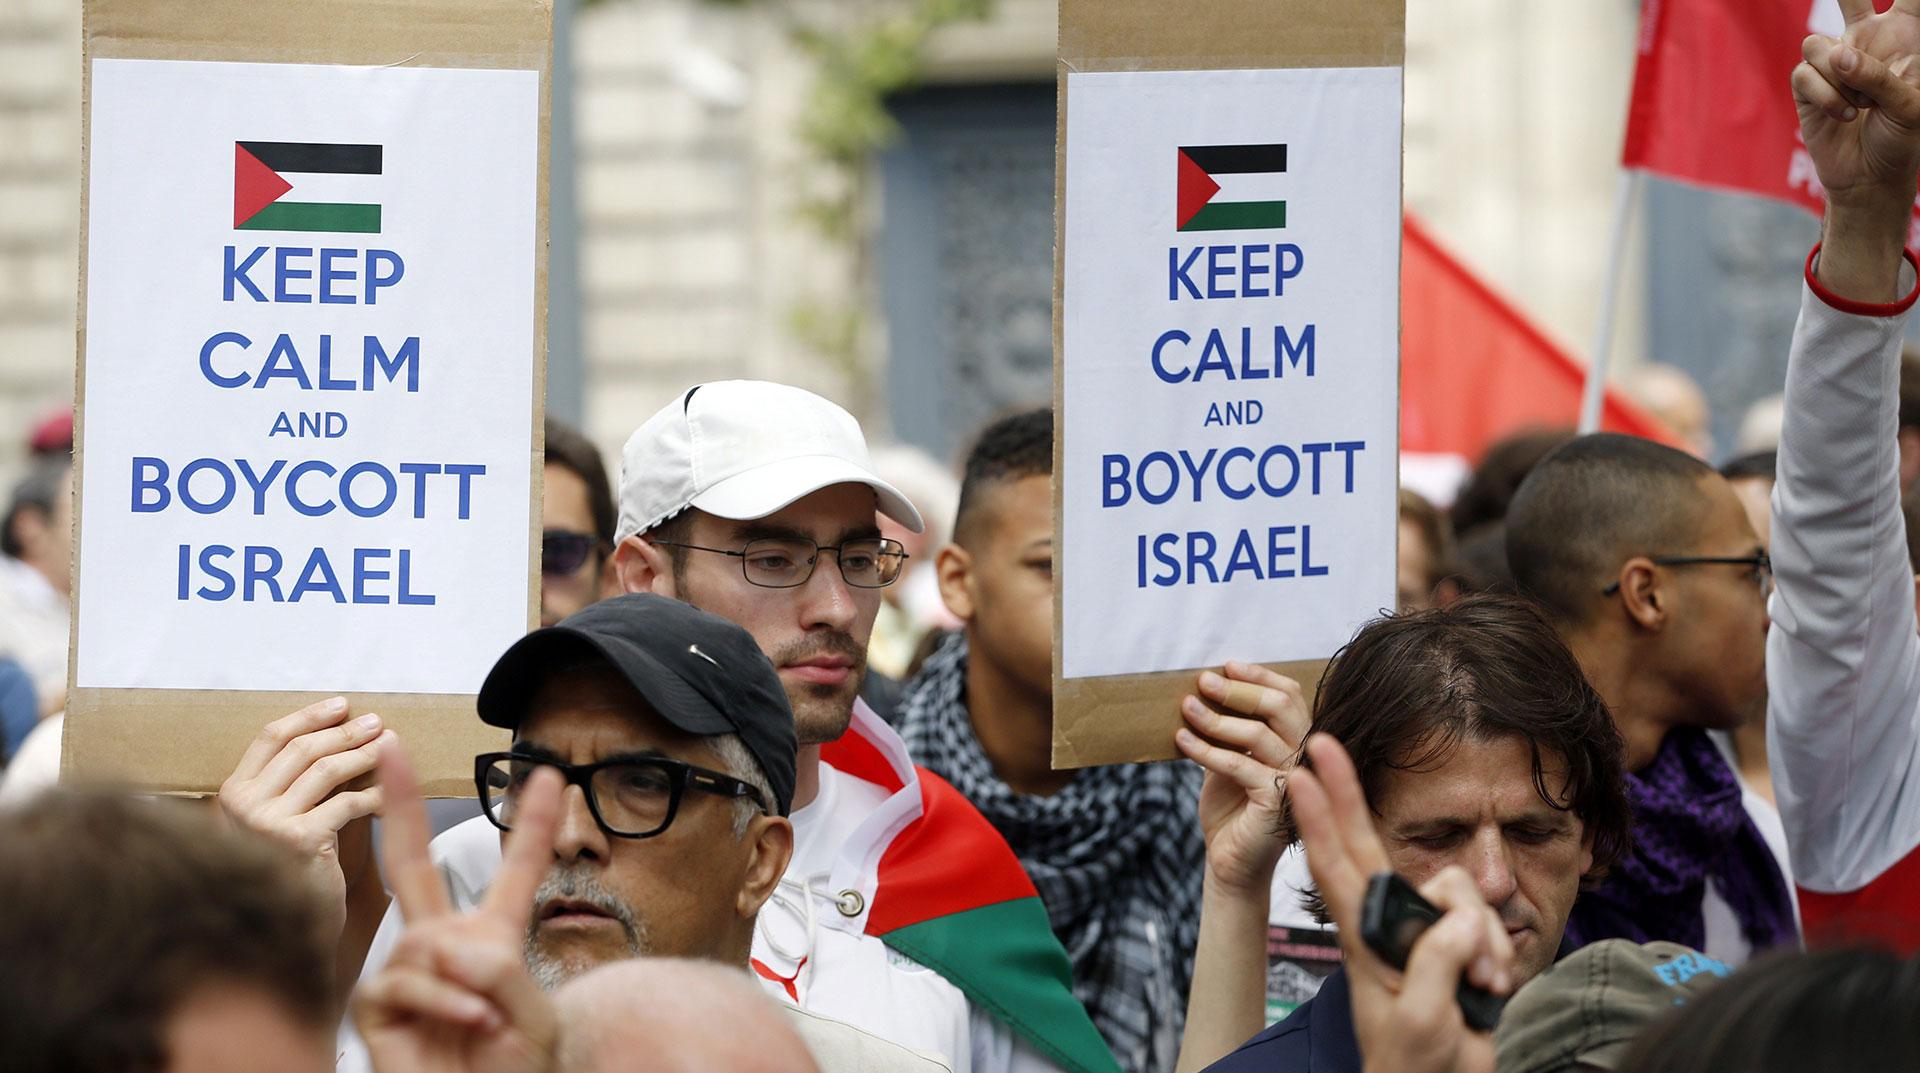 İsrail'i Boykot Suç Sayılacak